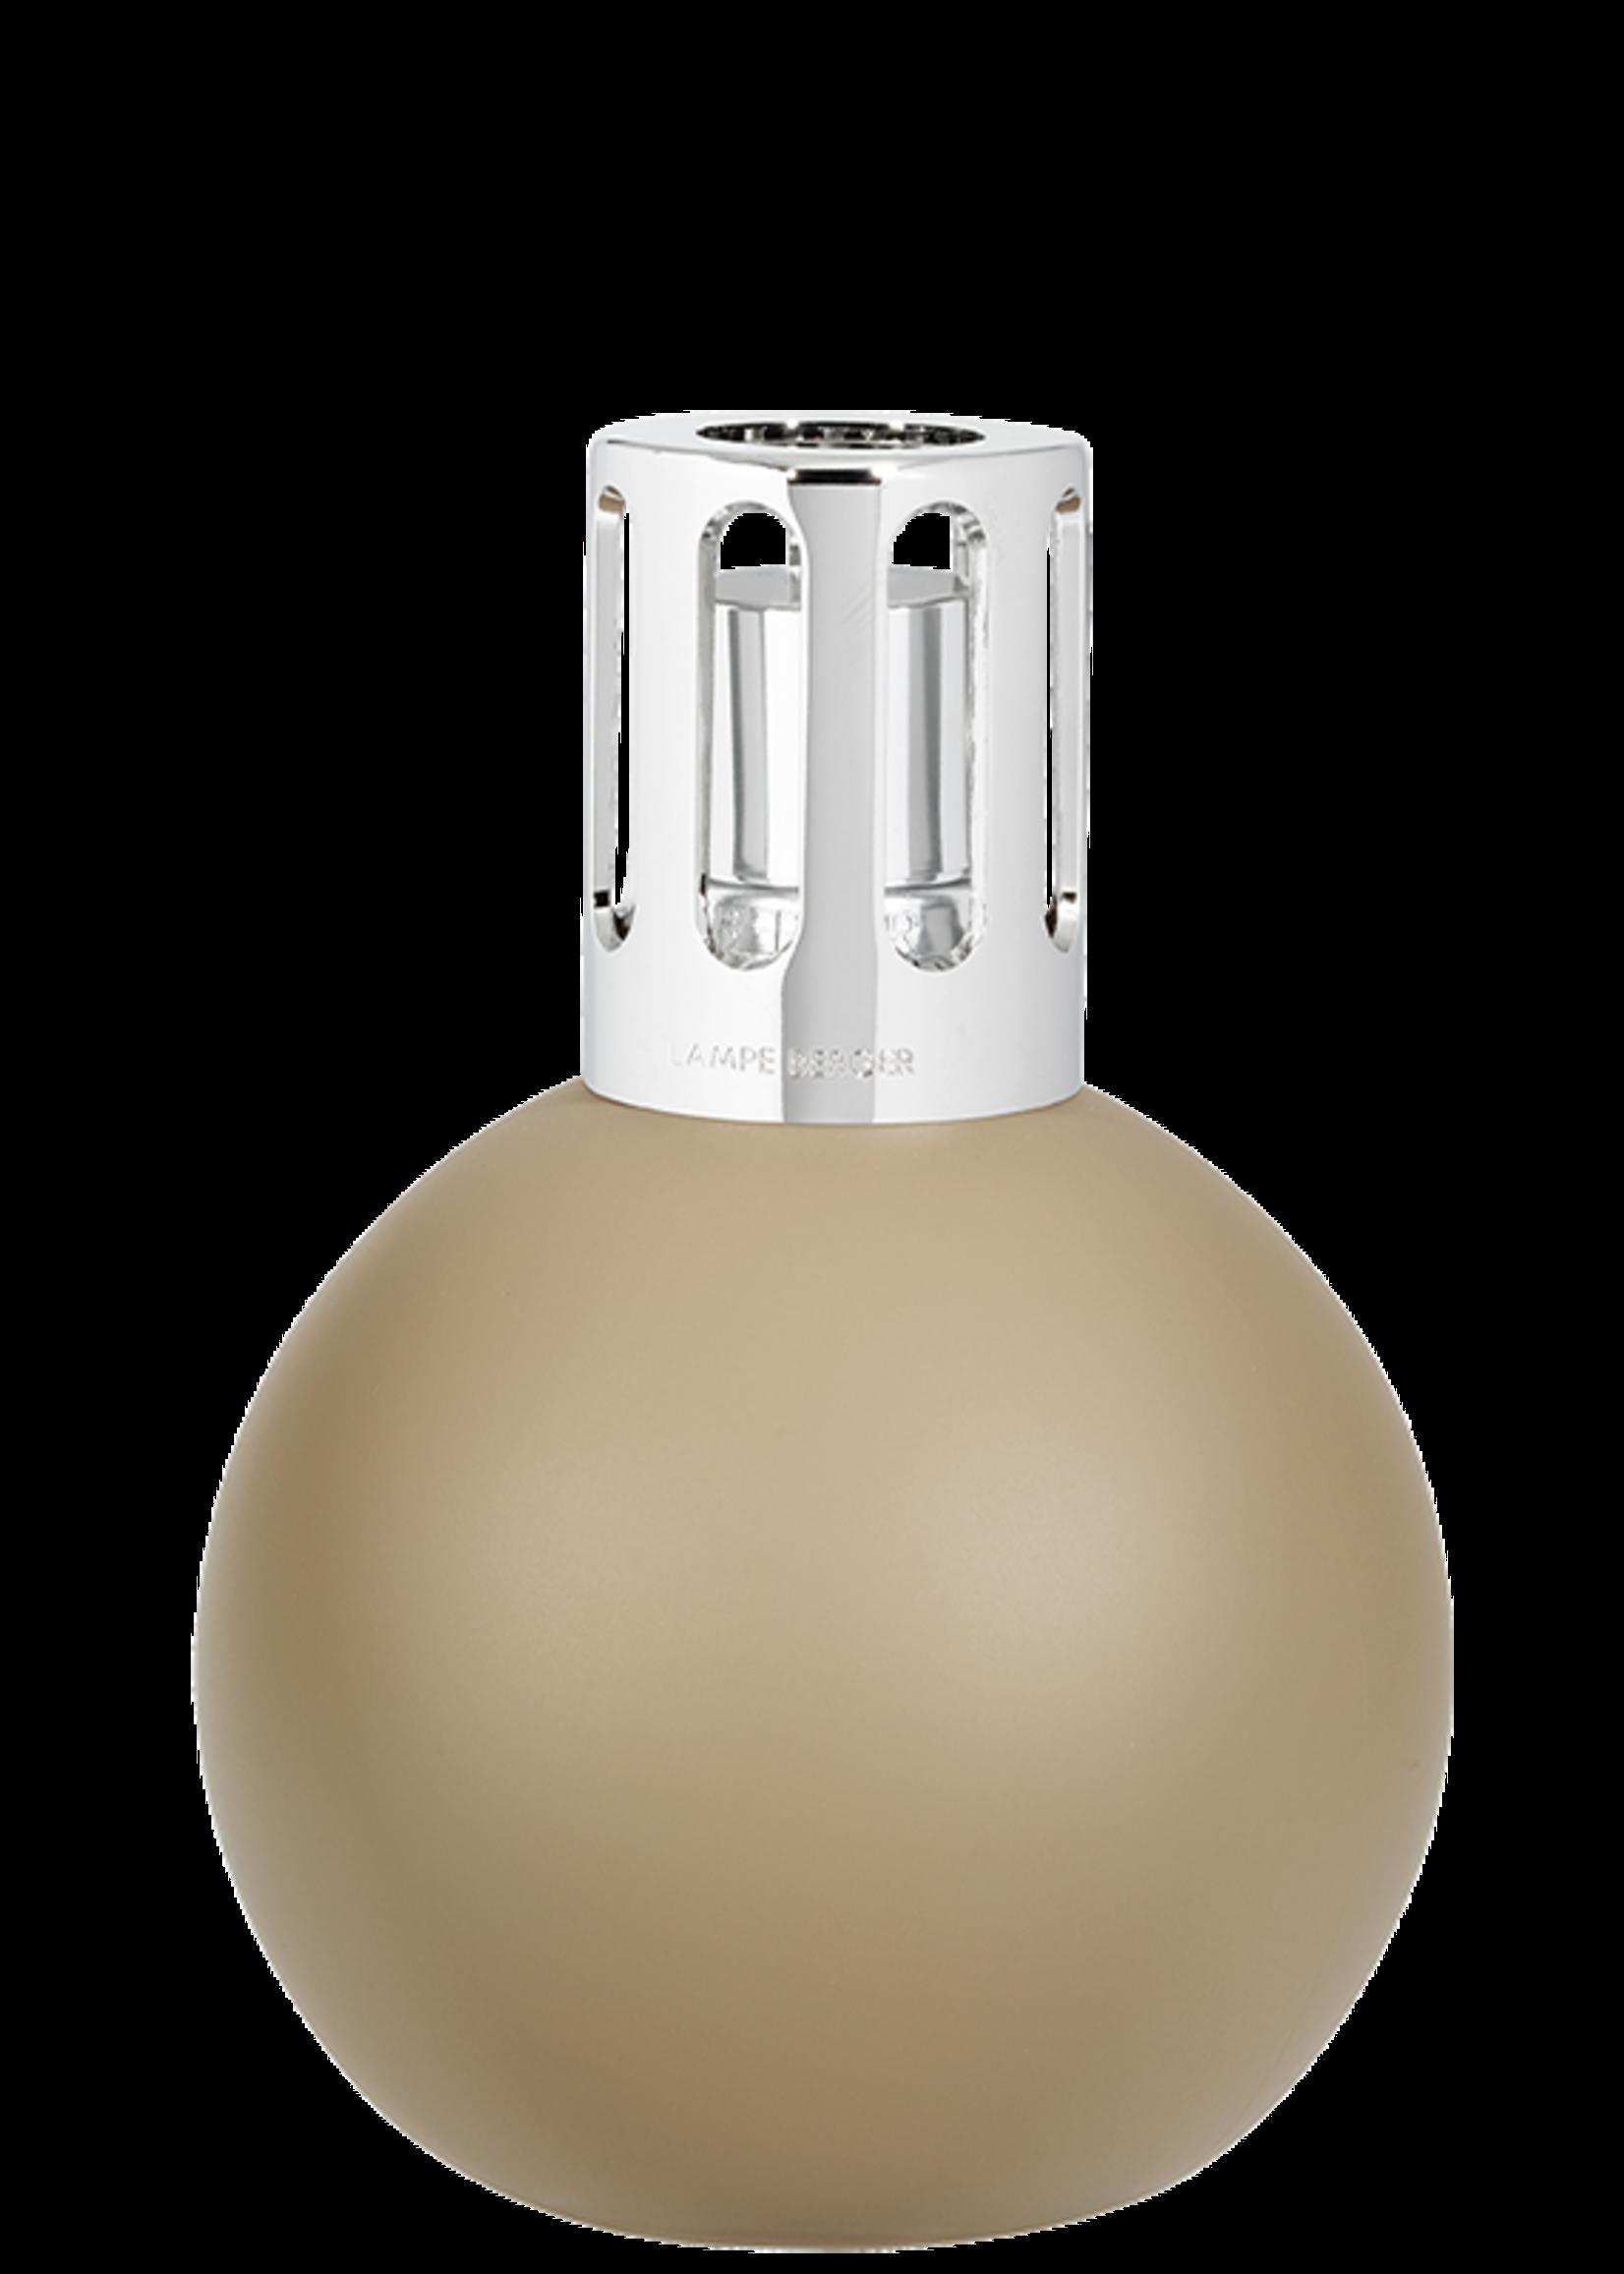 Lampe Berger Lampe Berger brander boule taupe